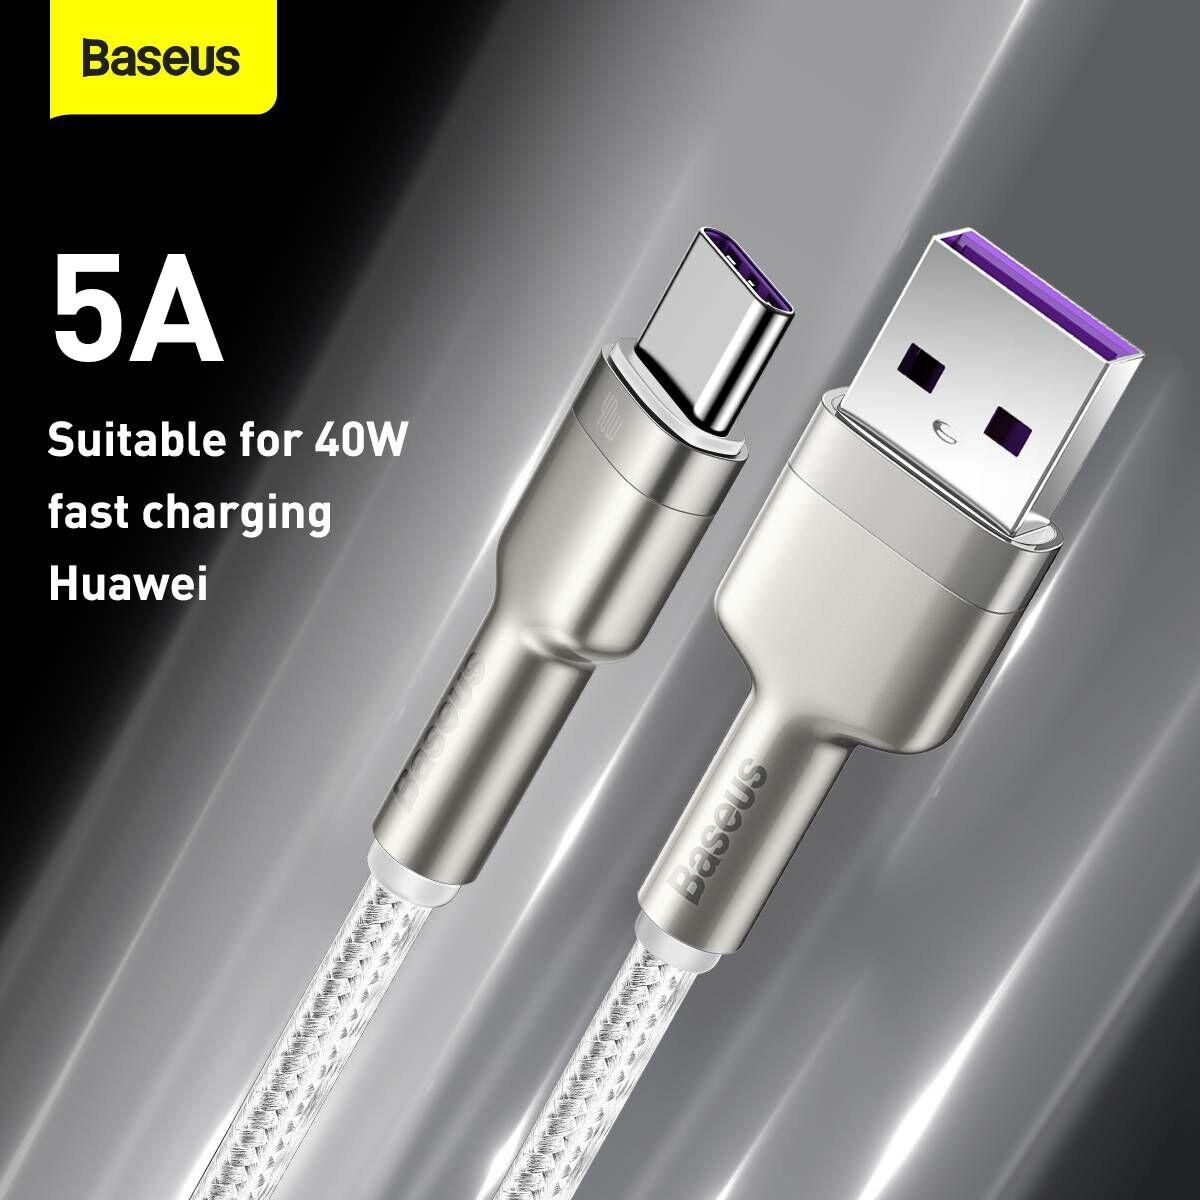 Baseus Type-C kábel, Cafule Series, gyorstötlő és adatkábel, 40W, 5A, 1m, fehér (CATJK-A02)